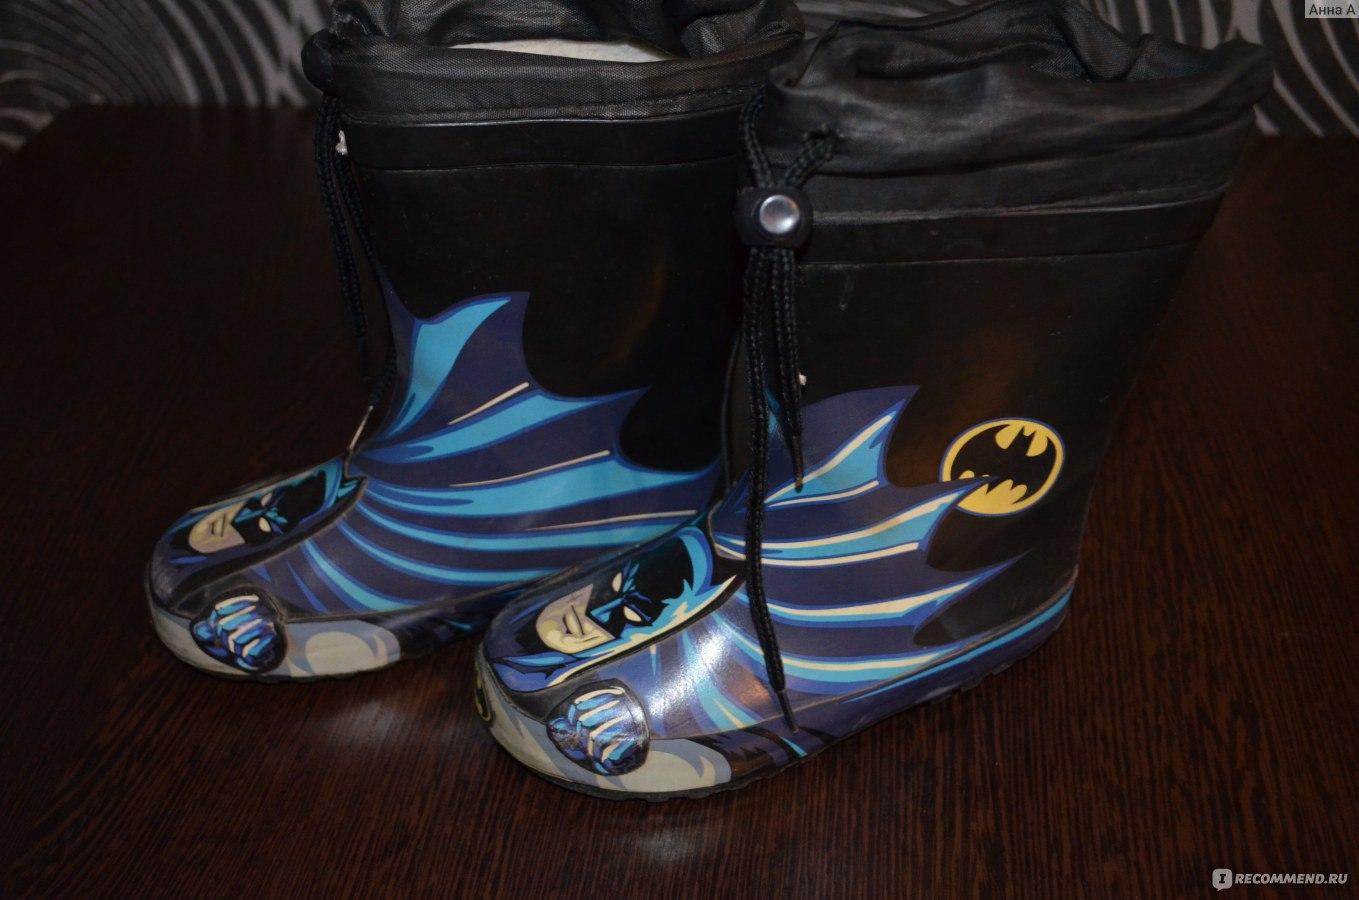 Следы от ботинка 2012